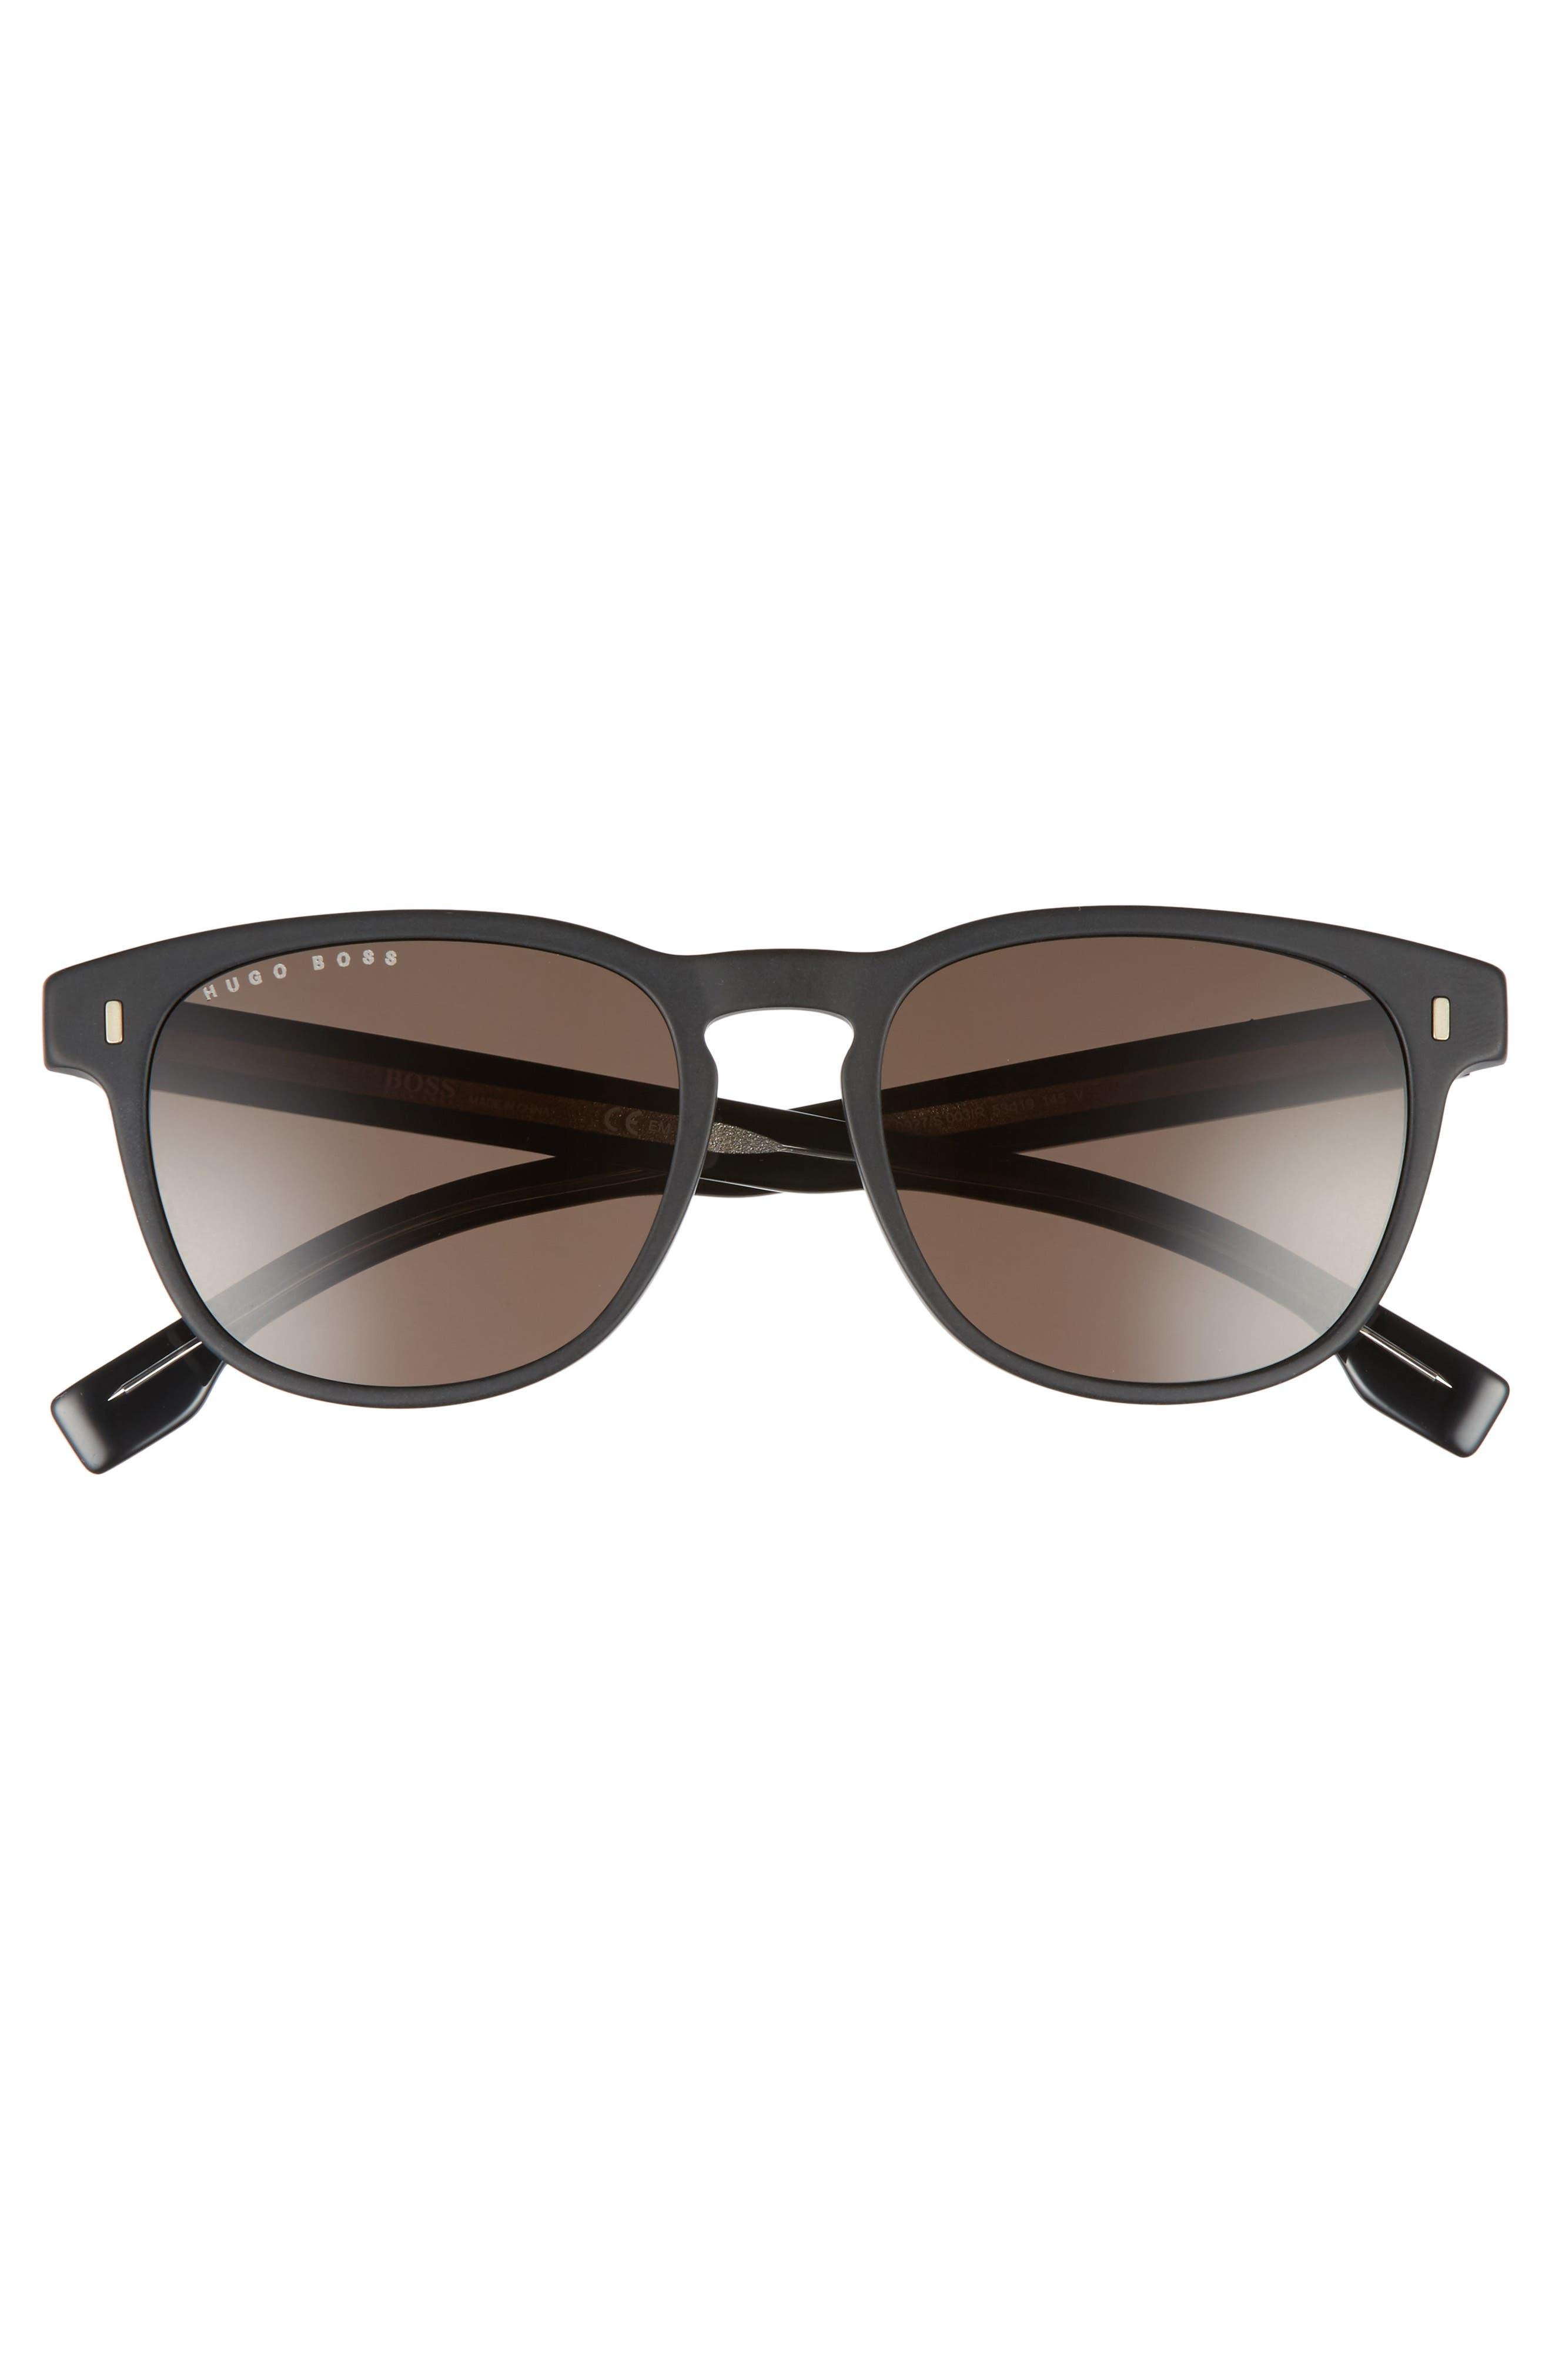 BOSS,                             B0926S 49mm Polarized Sunglasses,                             Alternate thumbnail 2, color,                             001